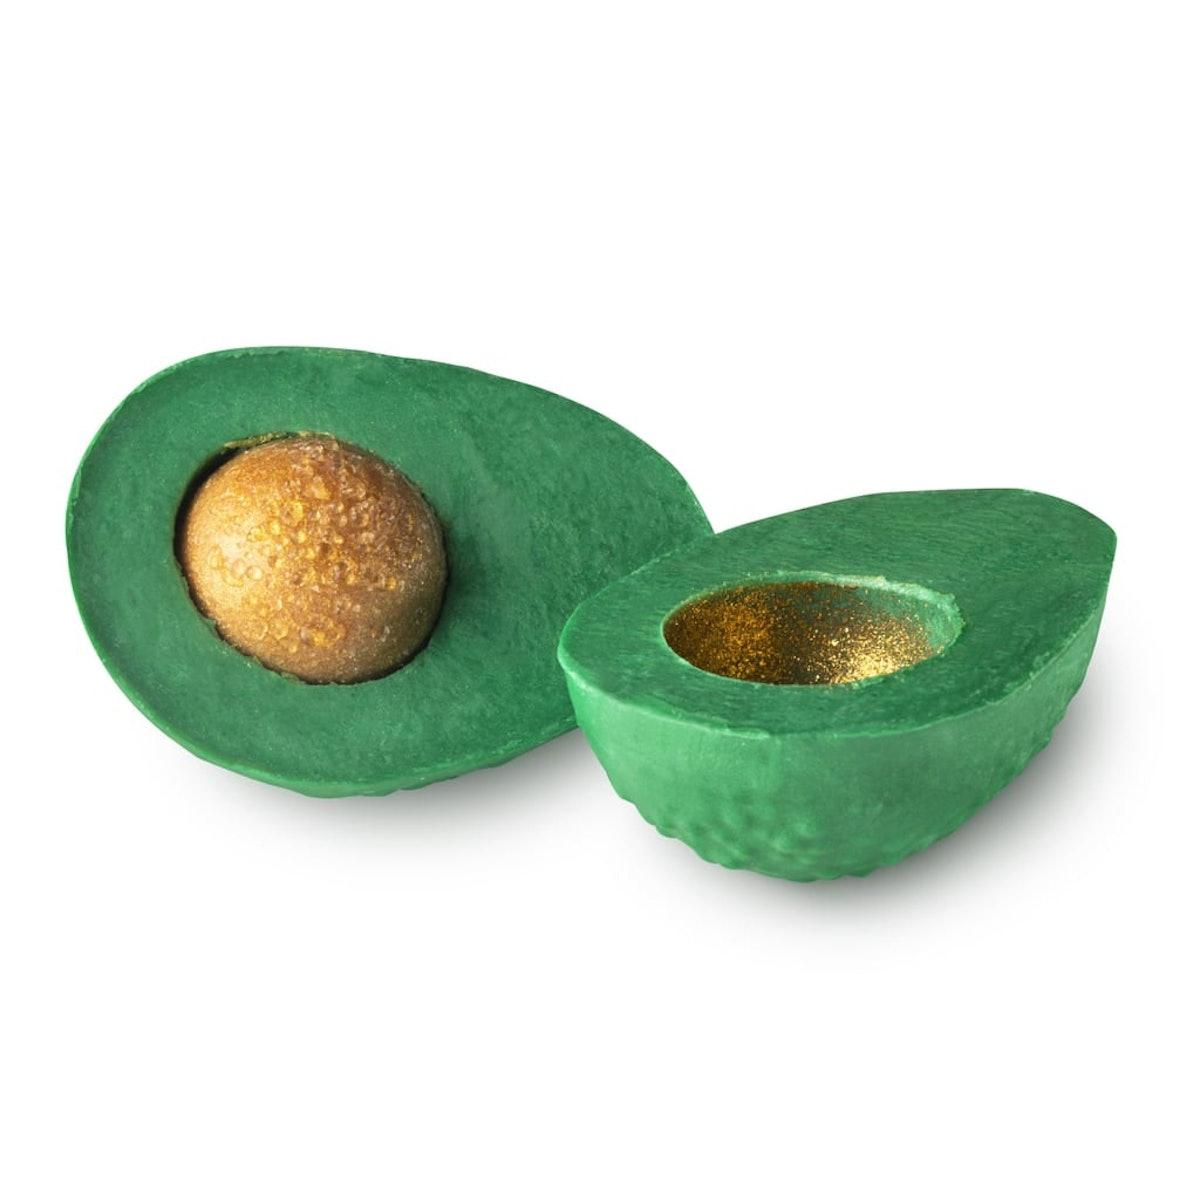 Avo Good Easter Soap